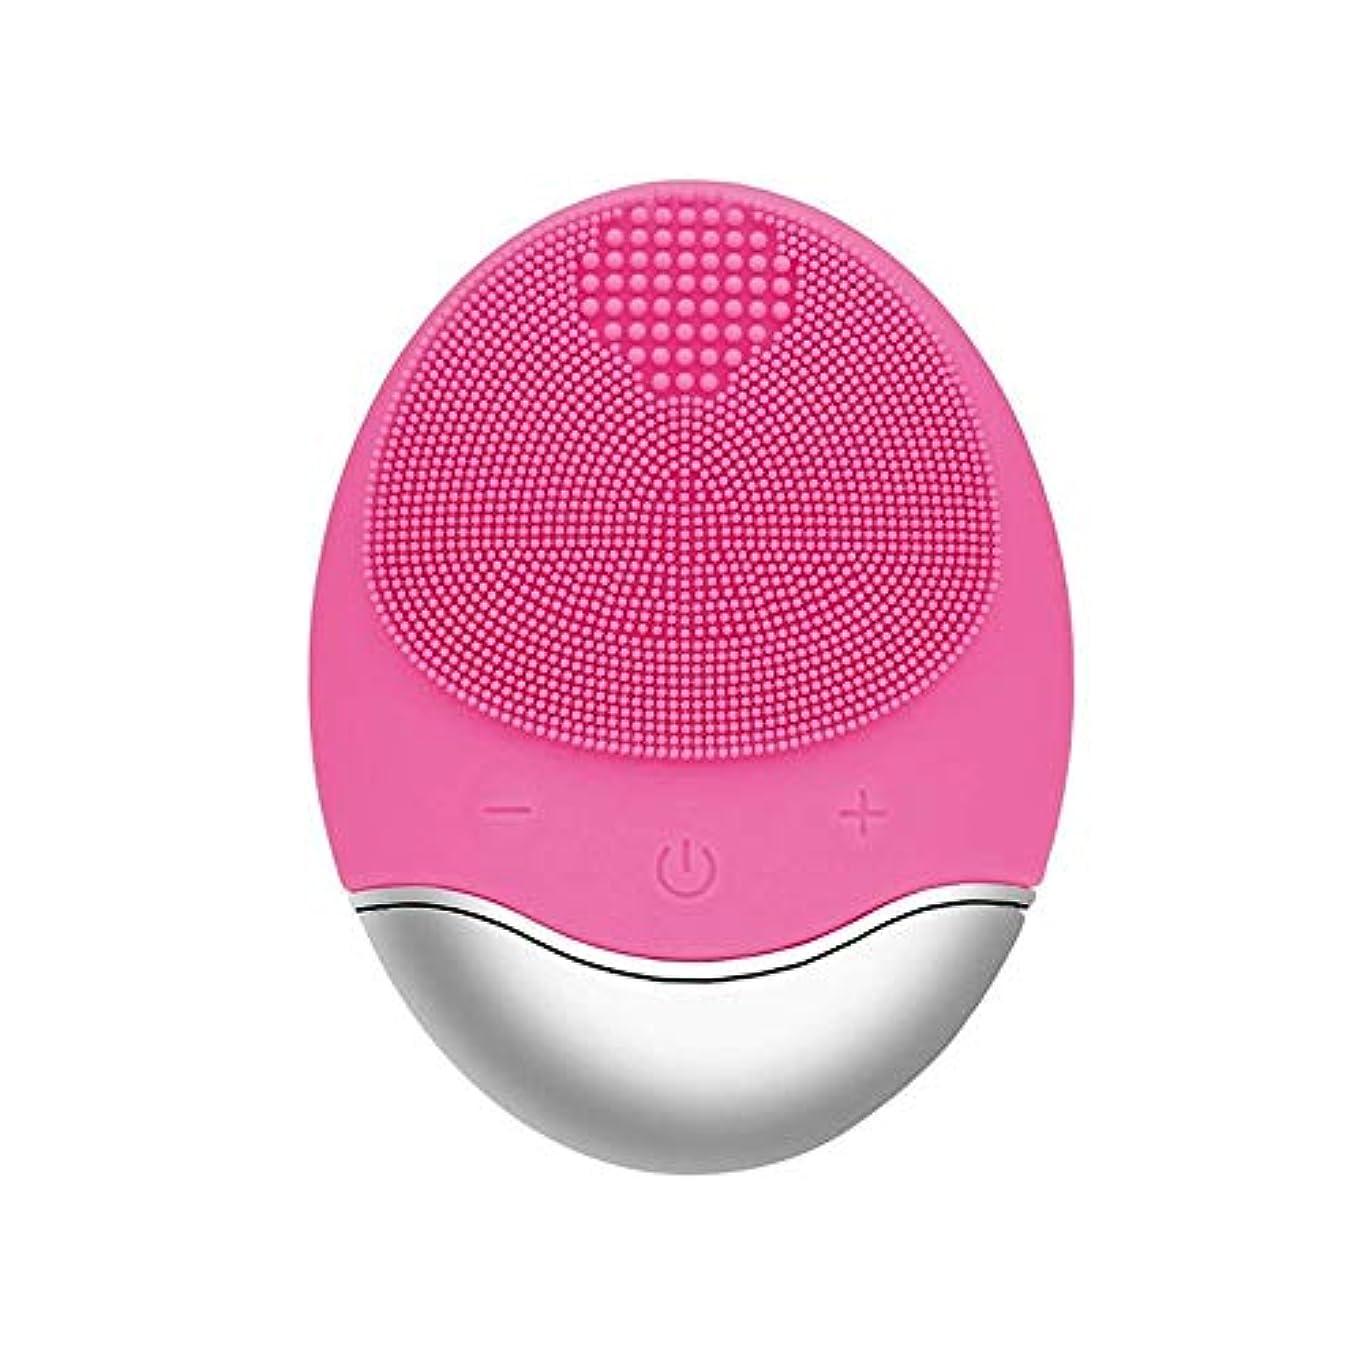 ZXF 新しい竹炭クレンジング楽器クレンジングポア充電式電気シリコーンにきびクレンジング楽器ピンク 滑らかである